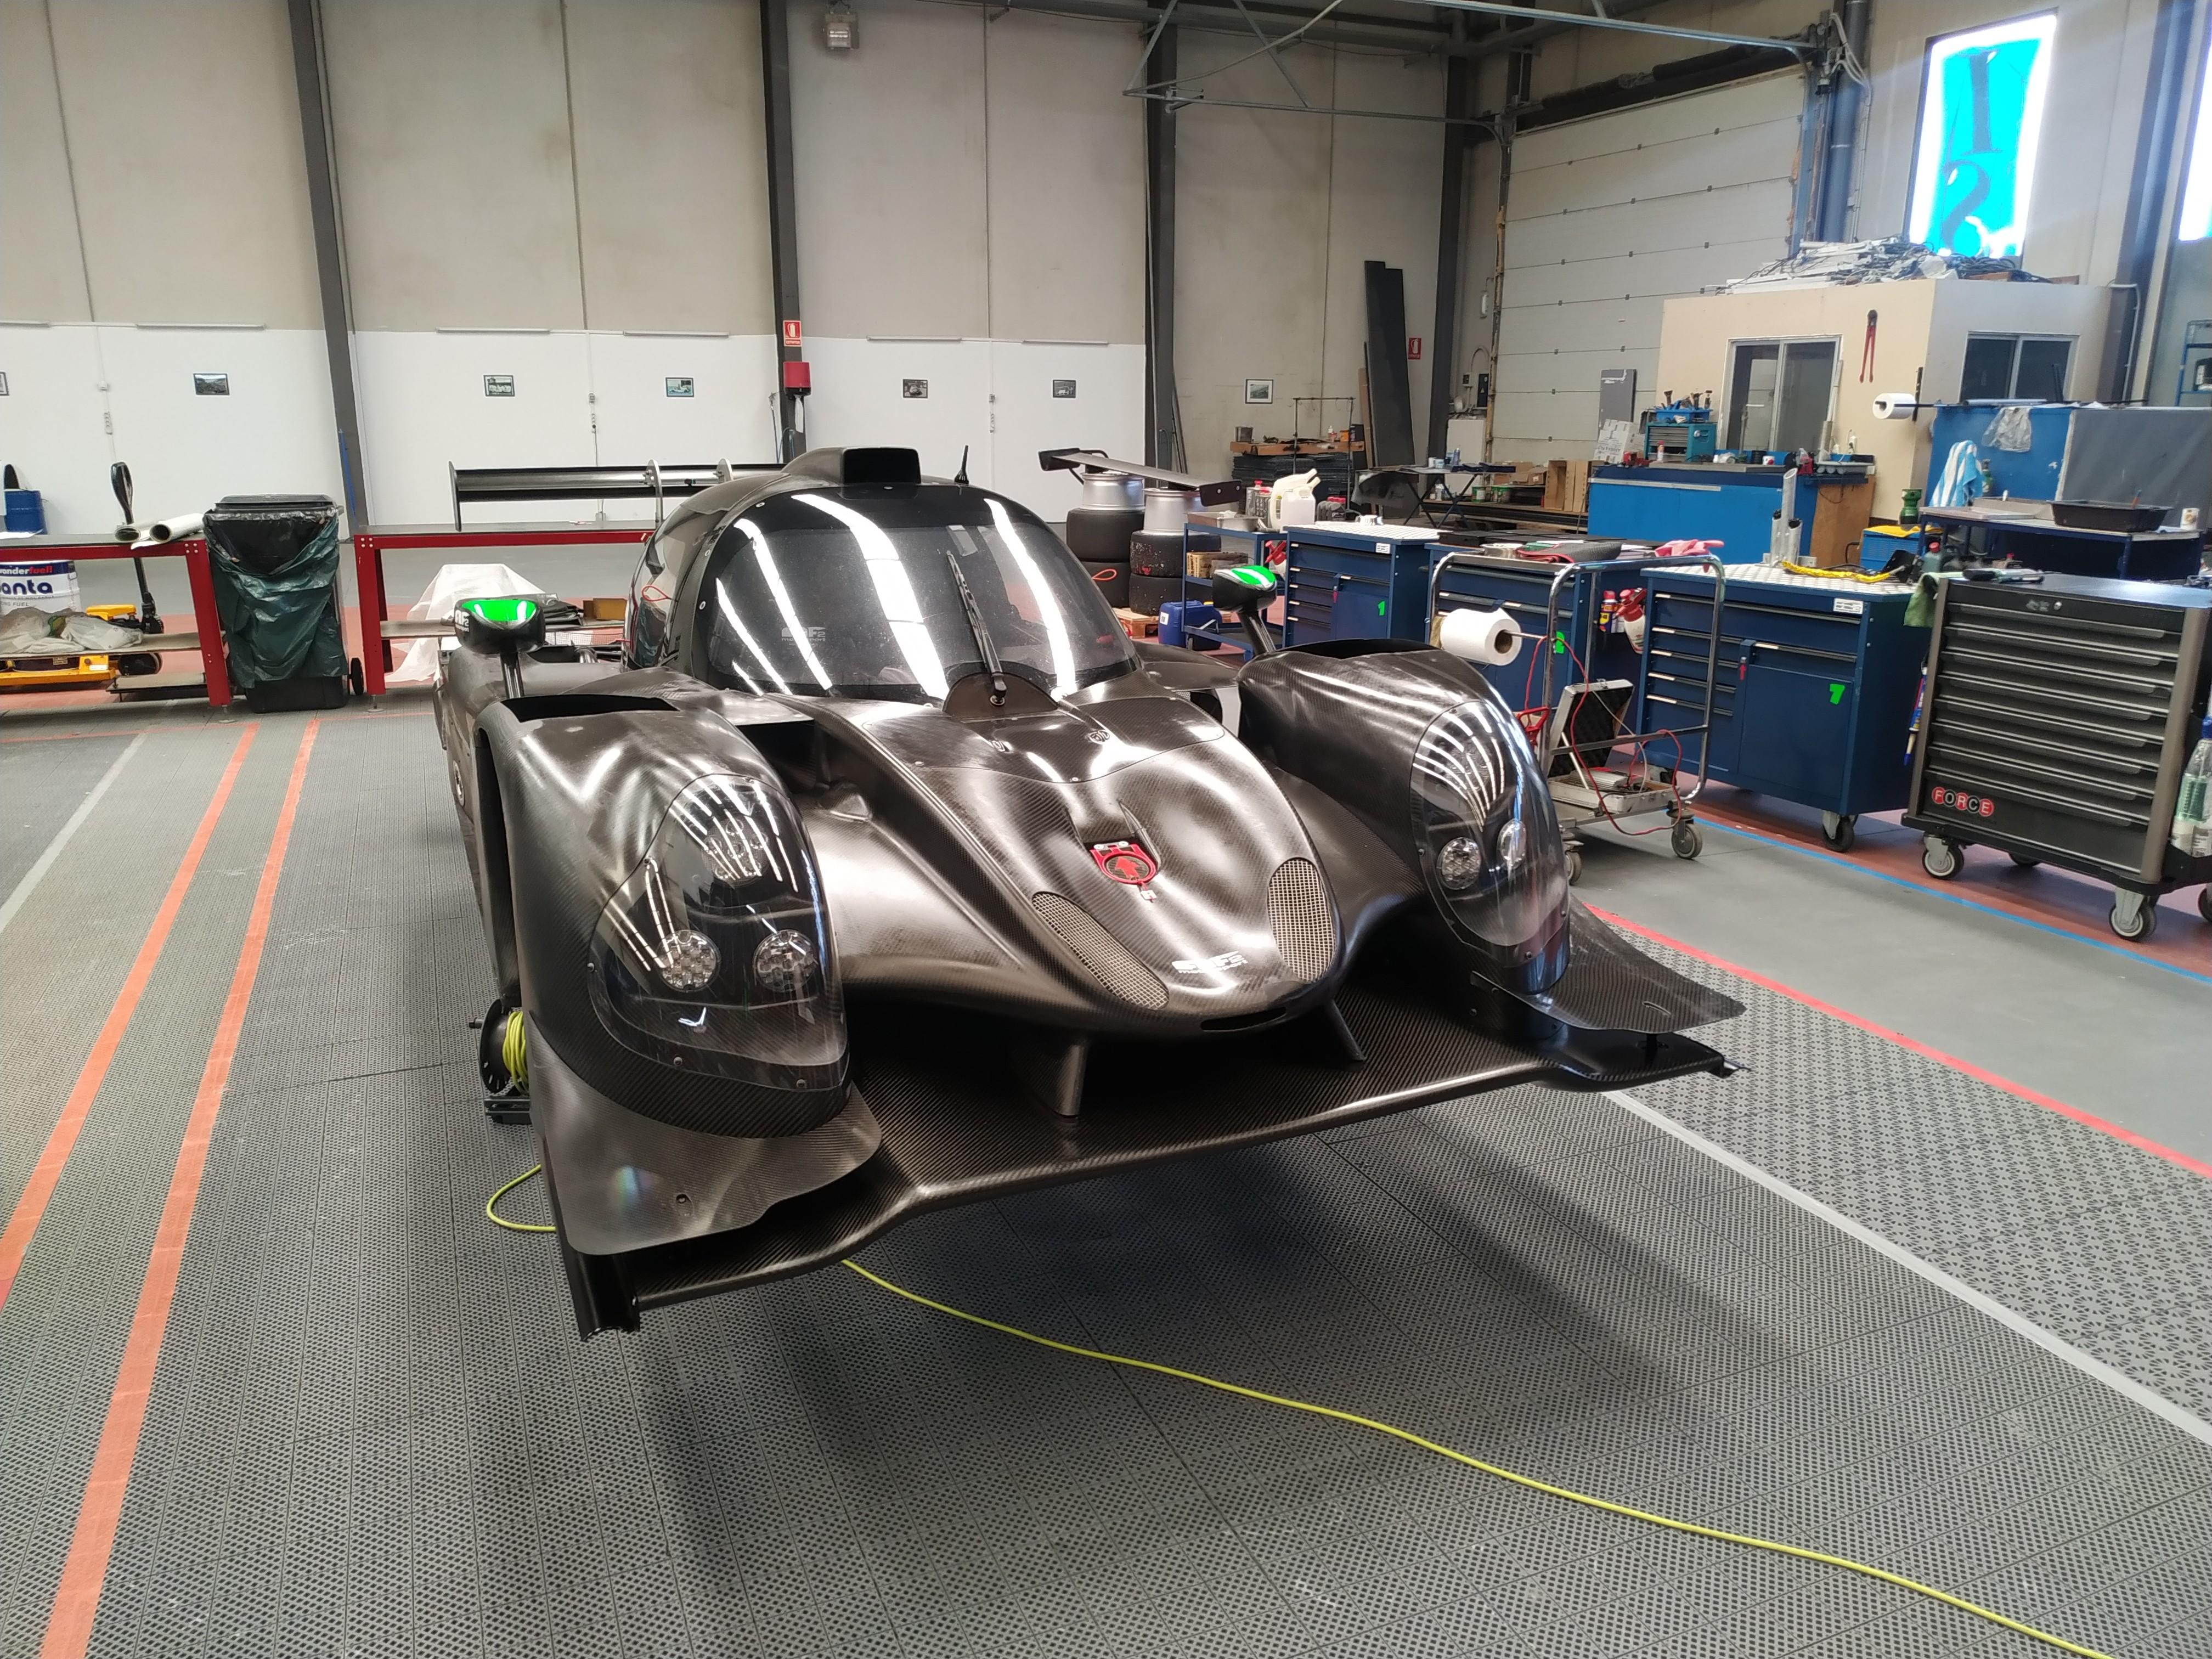 Lmp3 voiture reviseee 2021 8